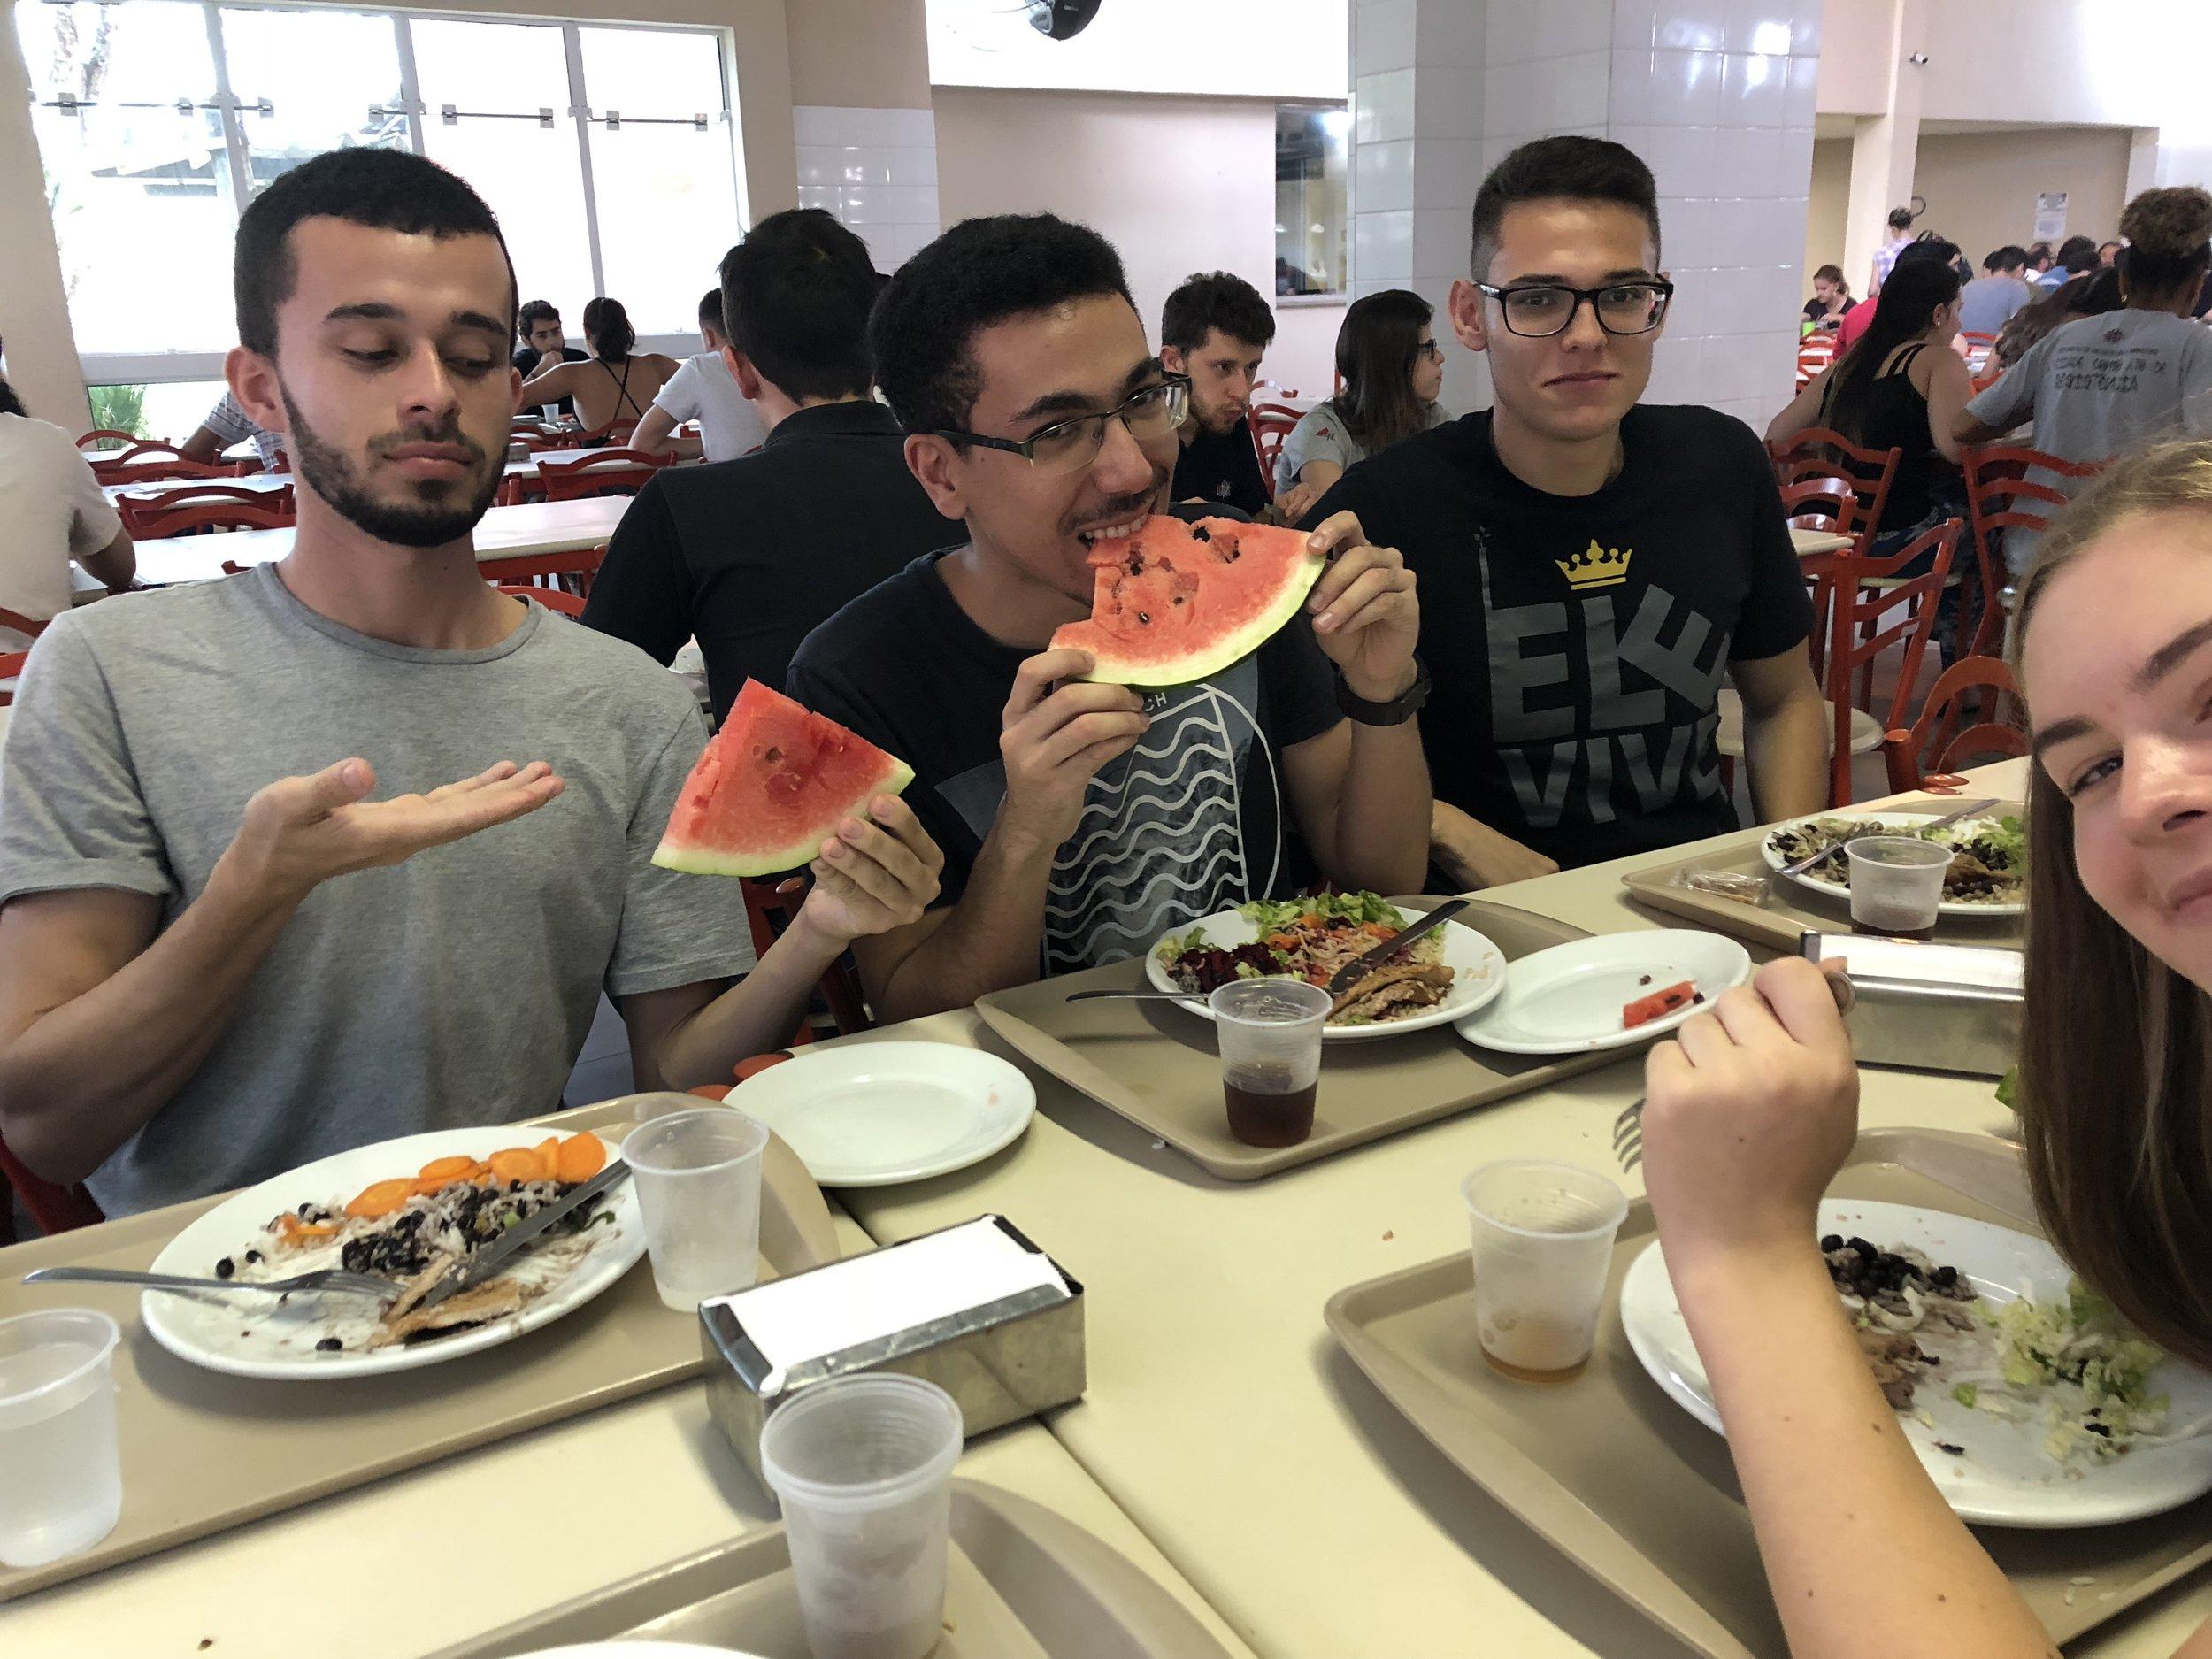 Etter et ABU møte ble vi tilbudt å spise lunsj i den store spisesalen på universitetet. Hva var det til lunsj? Jo, bønner, ris og kjøtt. Salaten består av sala, gulrot og tomat. Bon apetit!